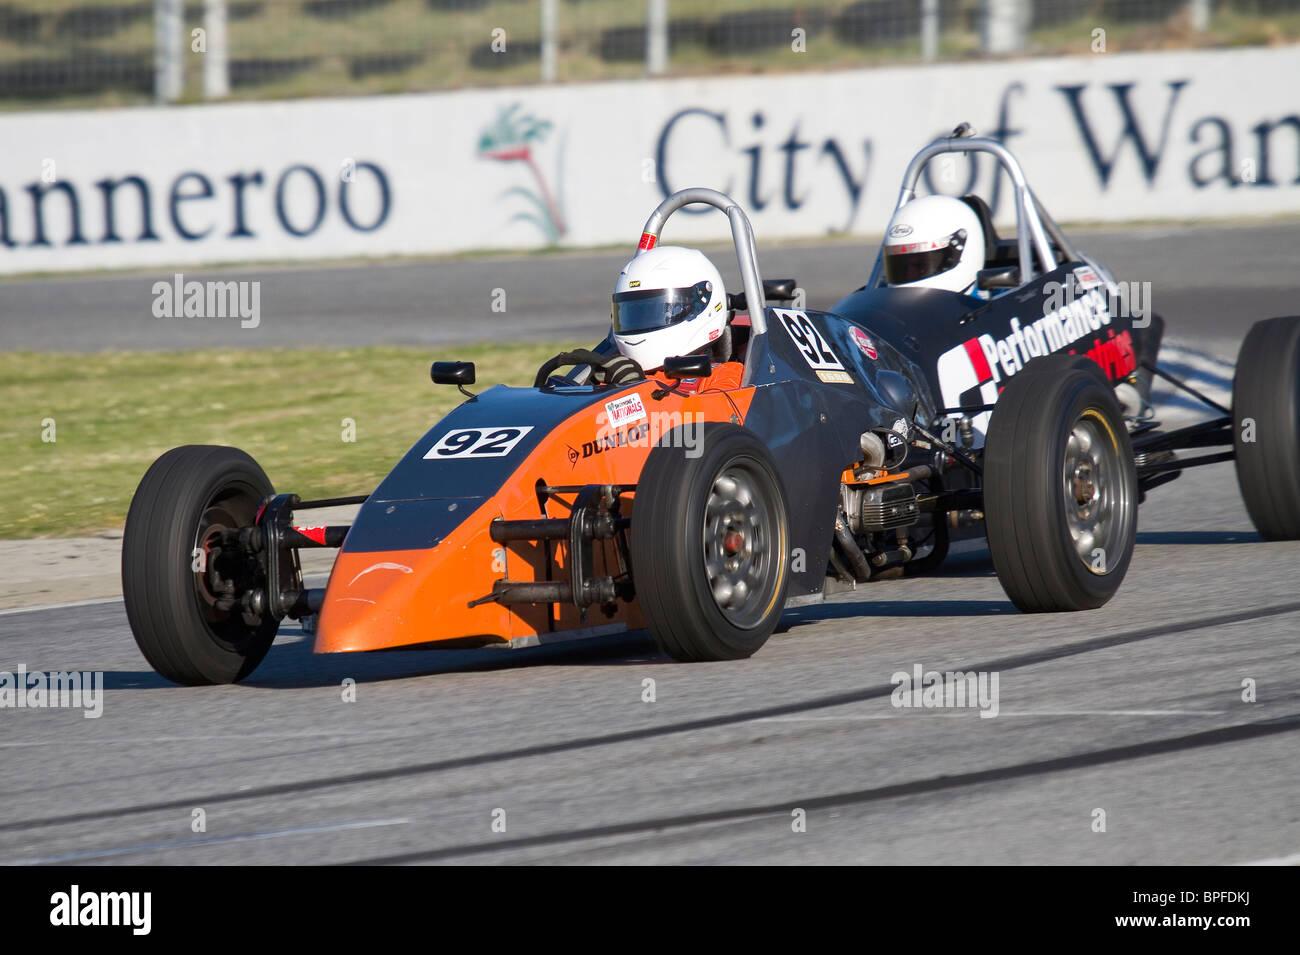 Formula Vee racing at an Australian car race meeting. - Stock Image